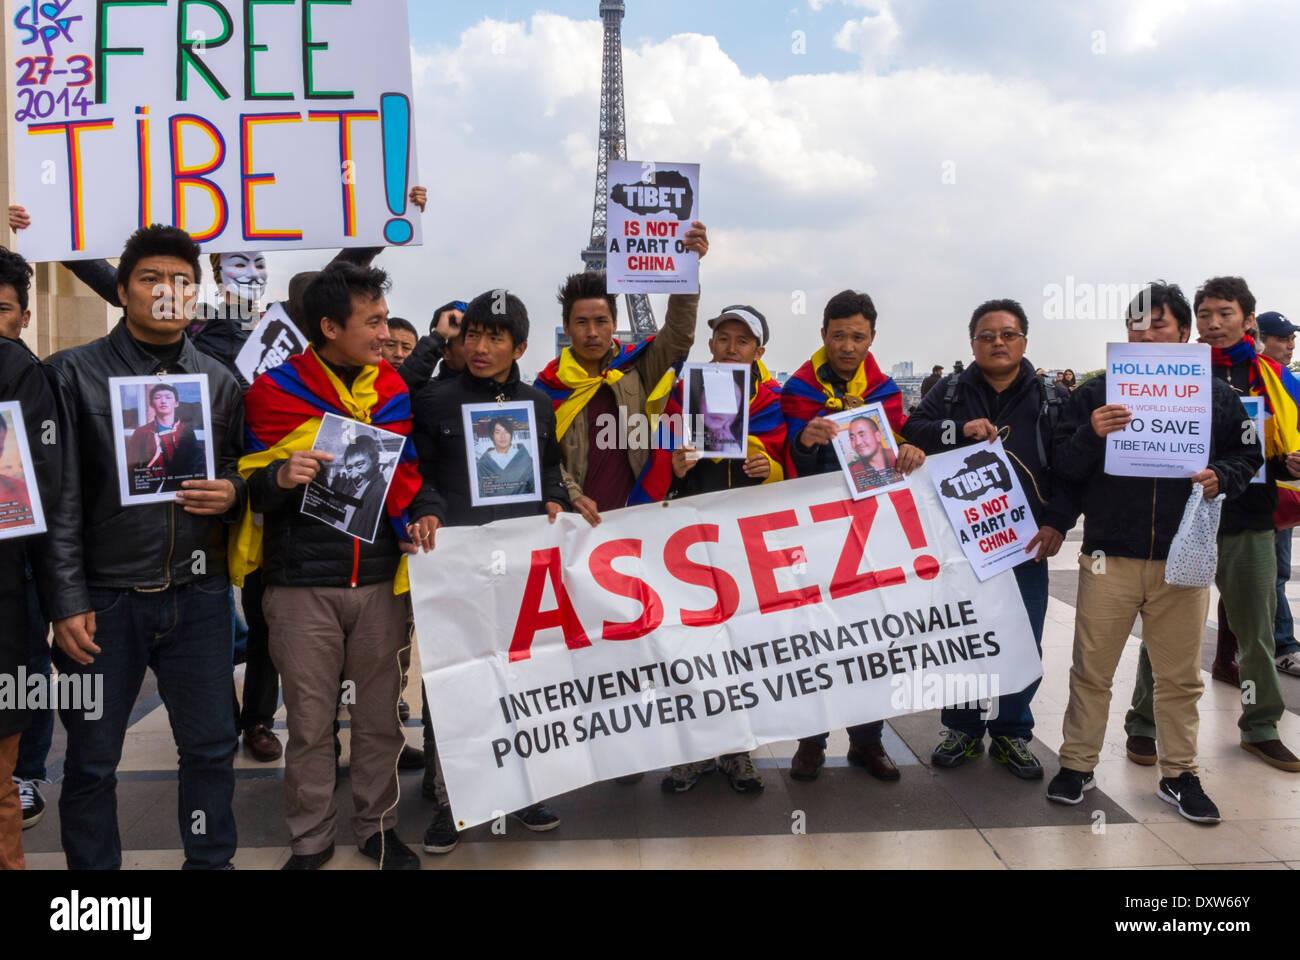 """Die tibetischen, taiwanesische ethnischen Gemeinschaften von Frankreich und Freunde gefordert, Franzosen, während des Besuchs des chinesischen Präsidenten in Paris, Masse mit Protest Schildern """"Free Tibet"""" genug zu mobilisieren Stockfoto"""